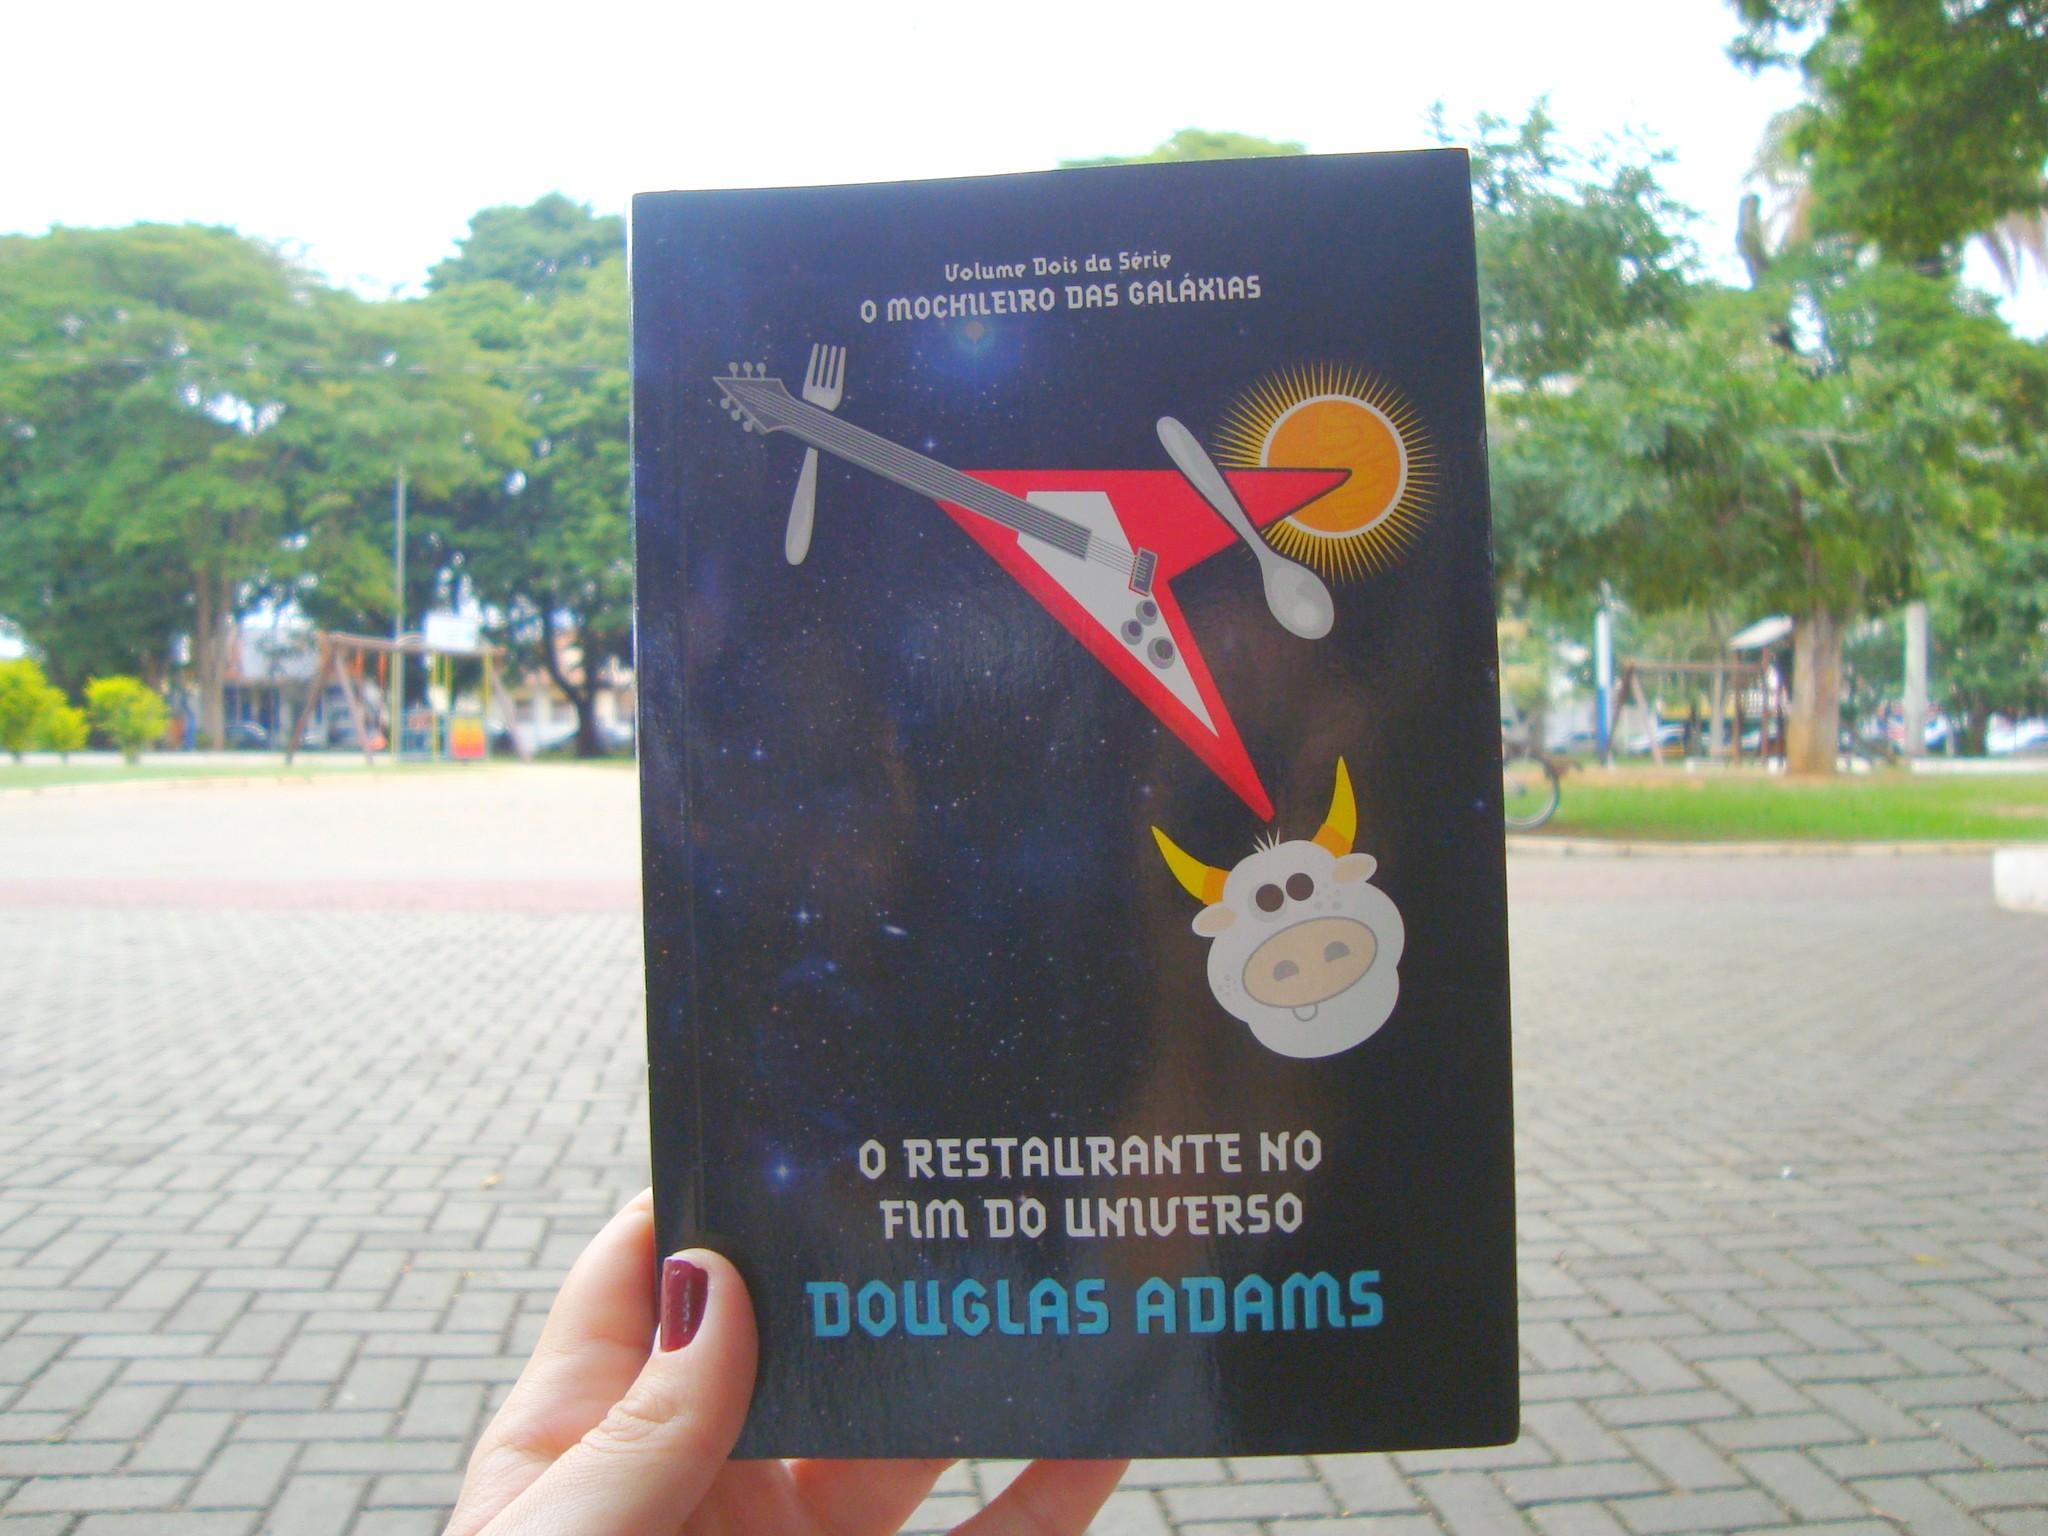 Capa do livro O restaurante no fim do universo da série O Guia do Mochileiro das Galáxias